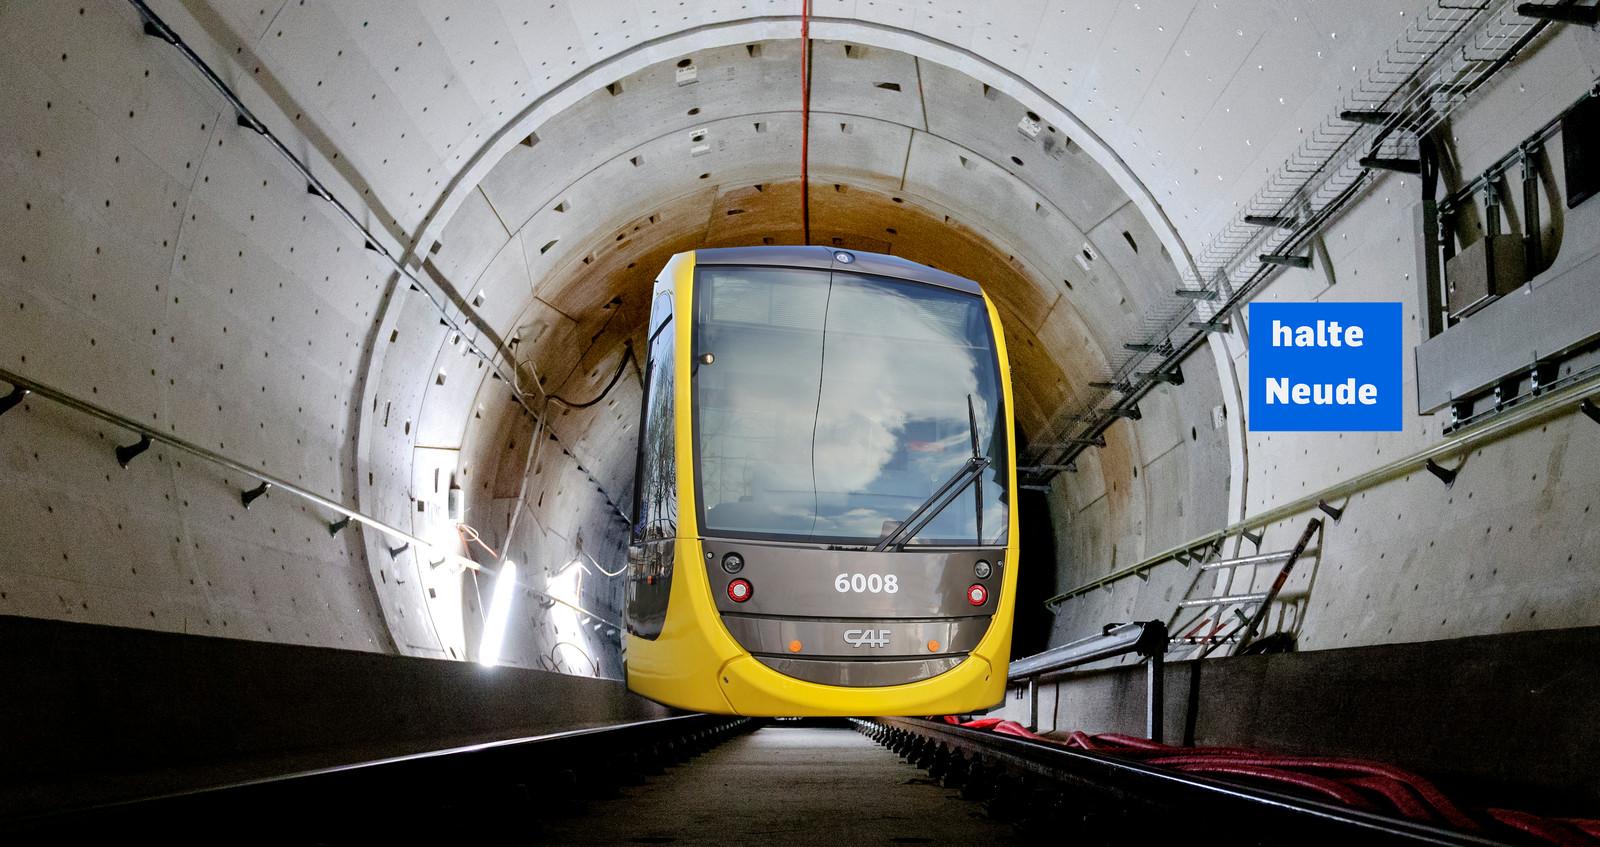 Krijgt Utrecht in de toekomst een ondergrondse halte Neude?